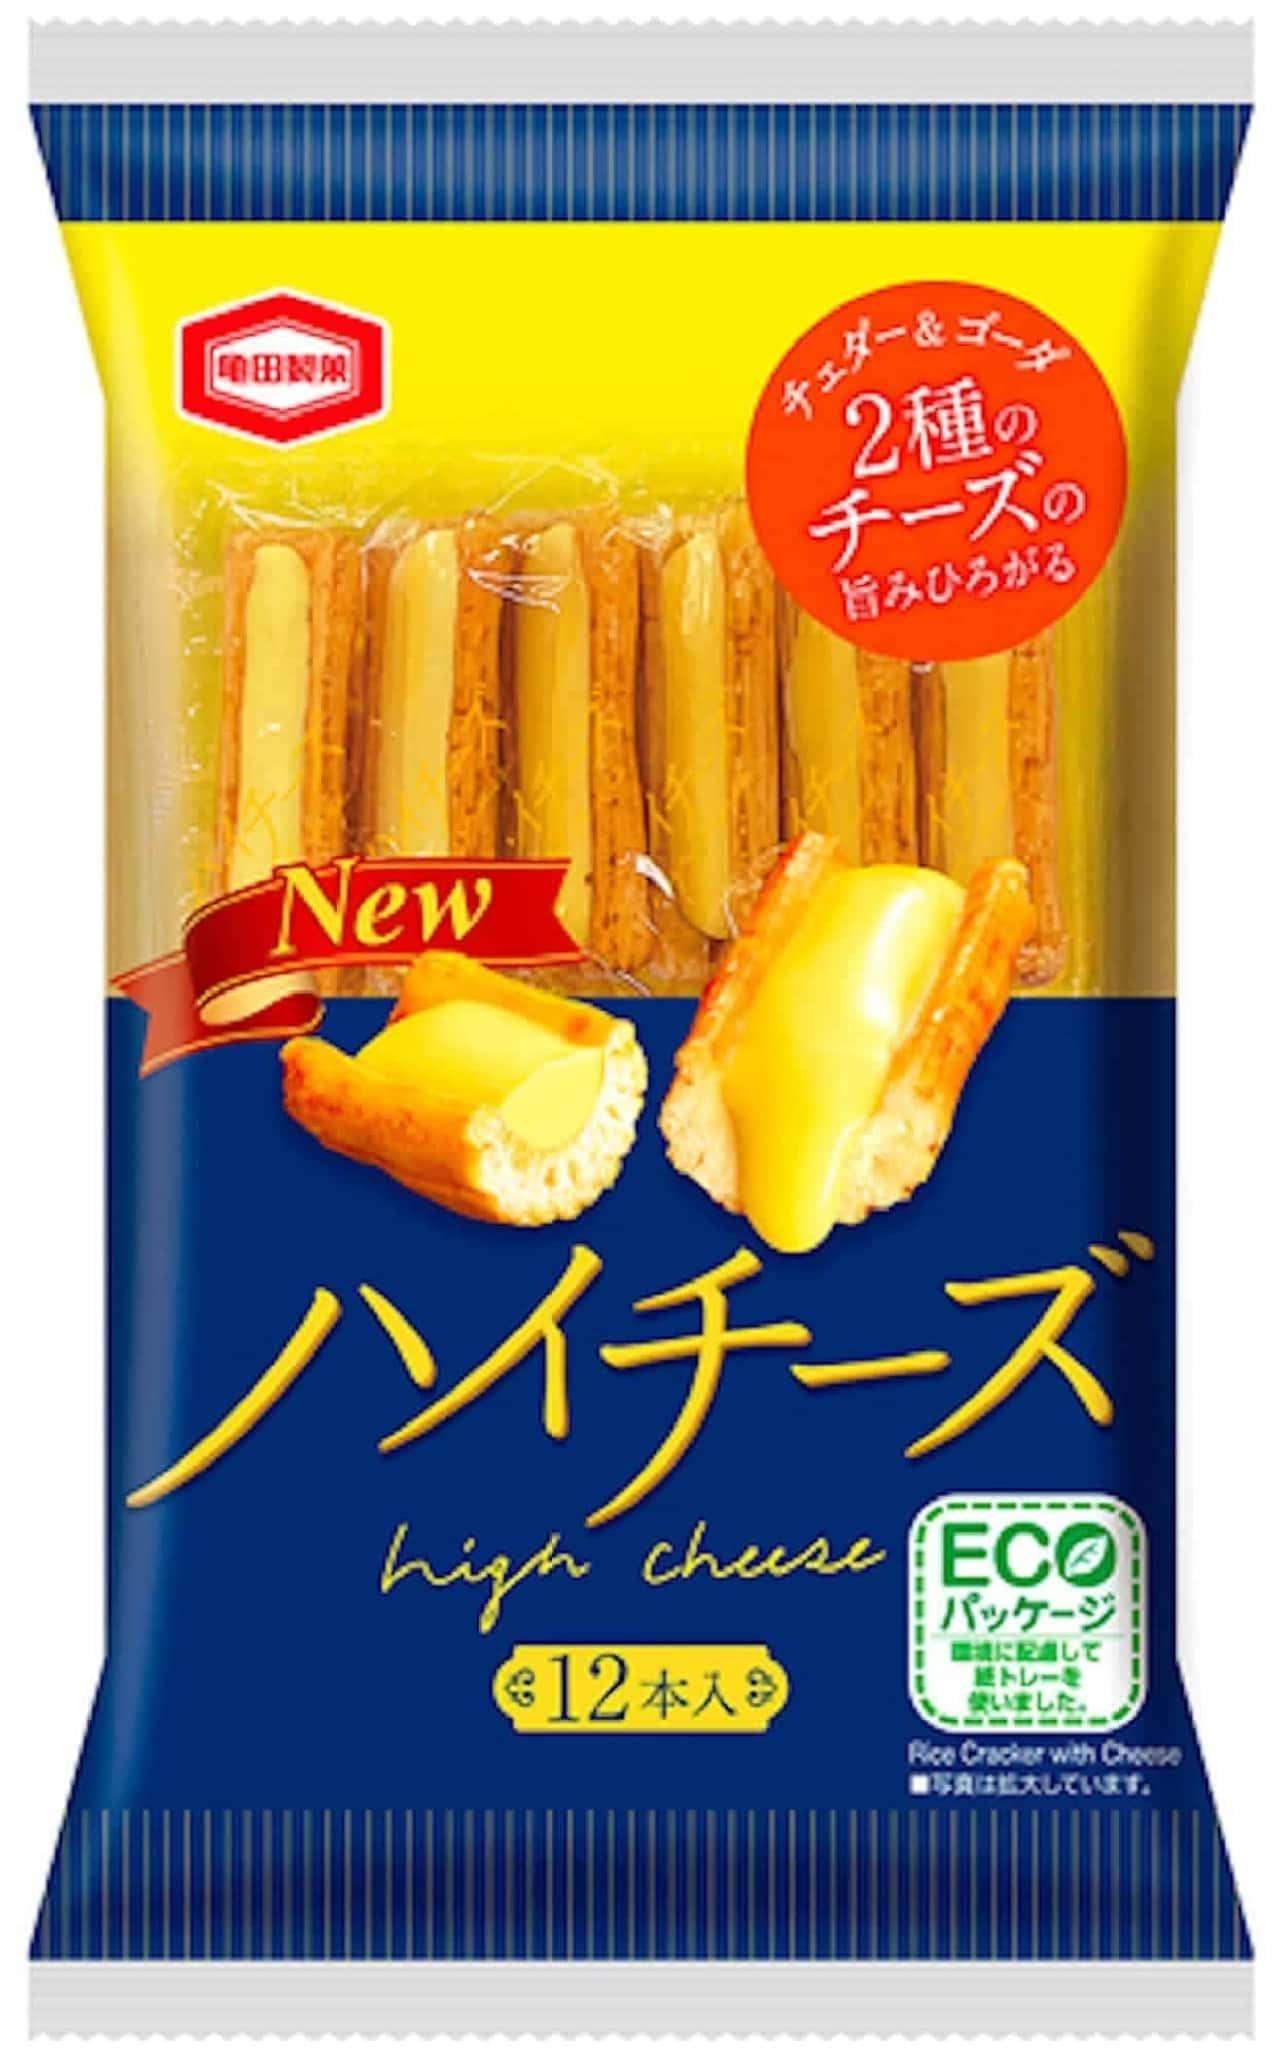 亀田製菓「ハイチーズ」